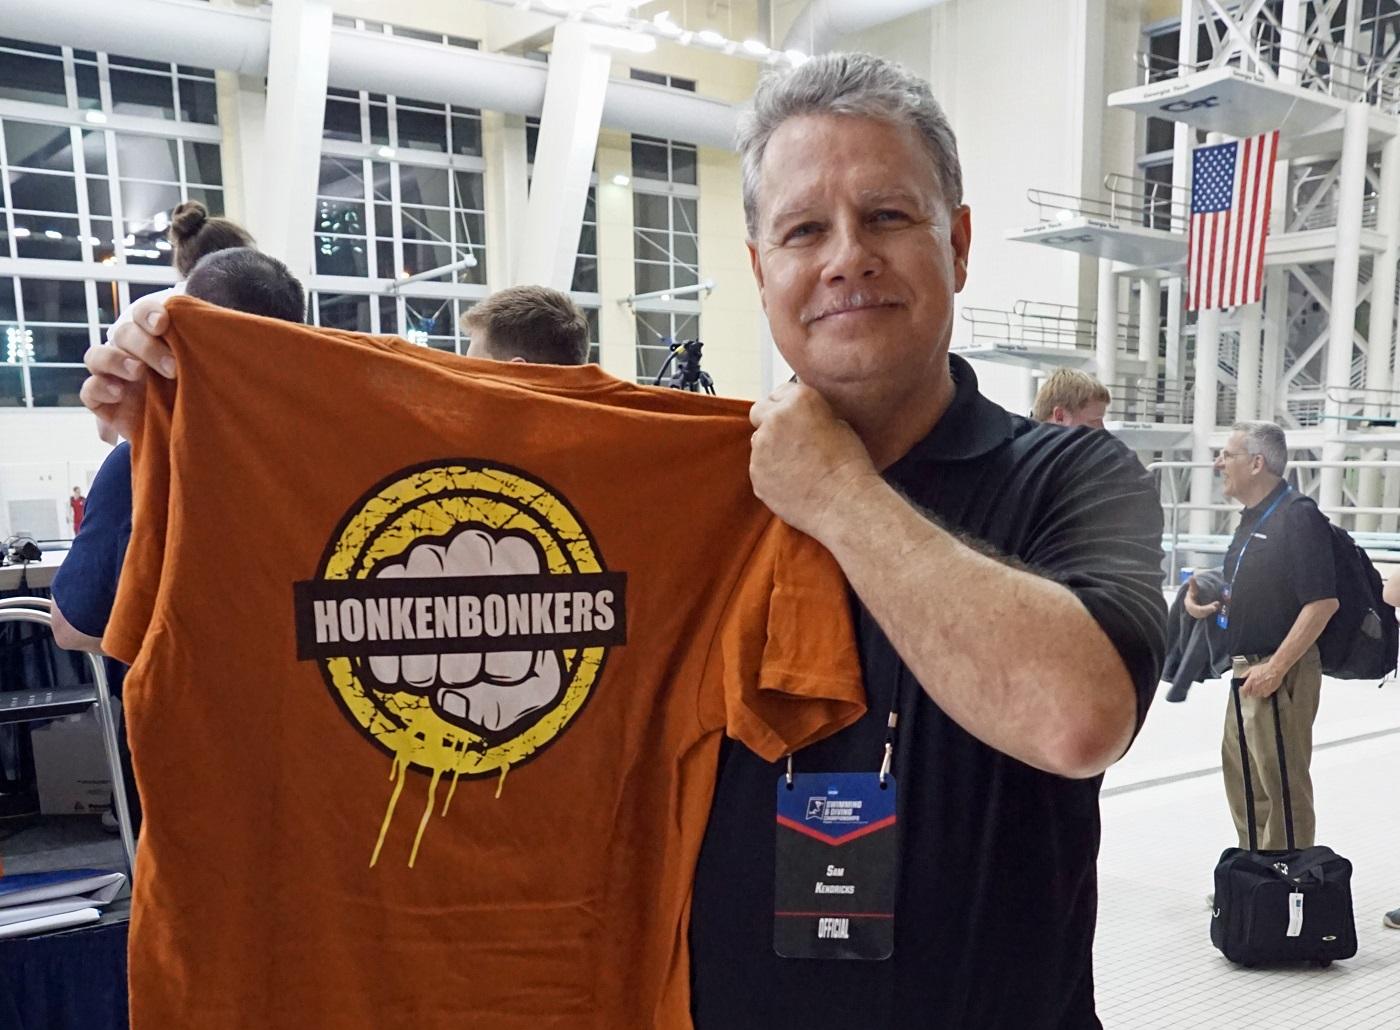 Swim Meet Announcer is Honkenbonkers!